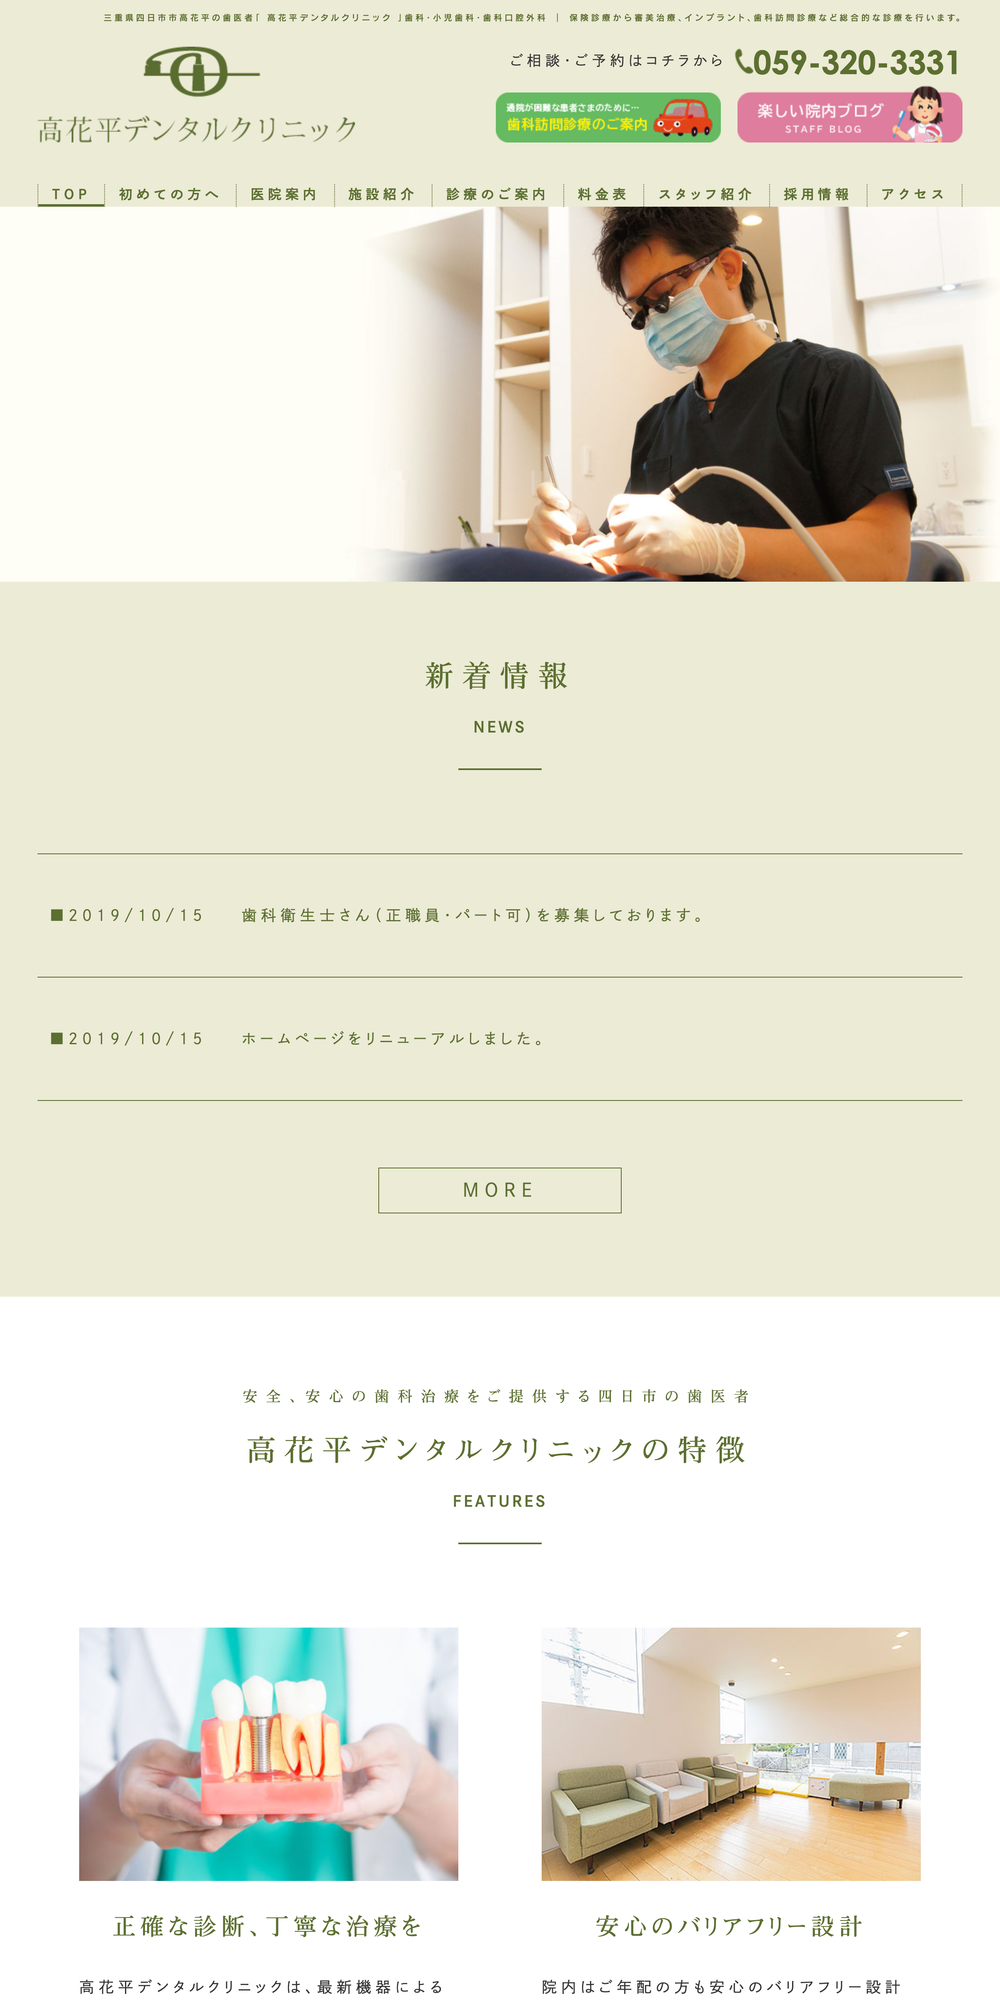 病院 クリニック おしゃれまとめの人気アイデア Pinterest Taro Sanko 歯科衛生士 歯科医院 口腔外科